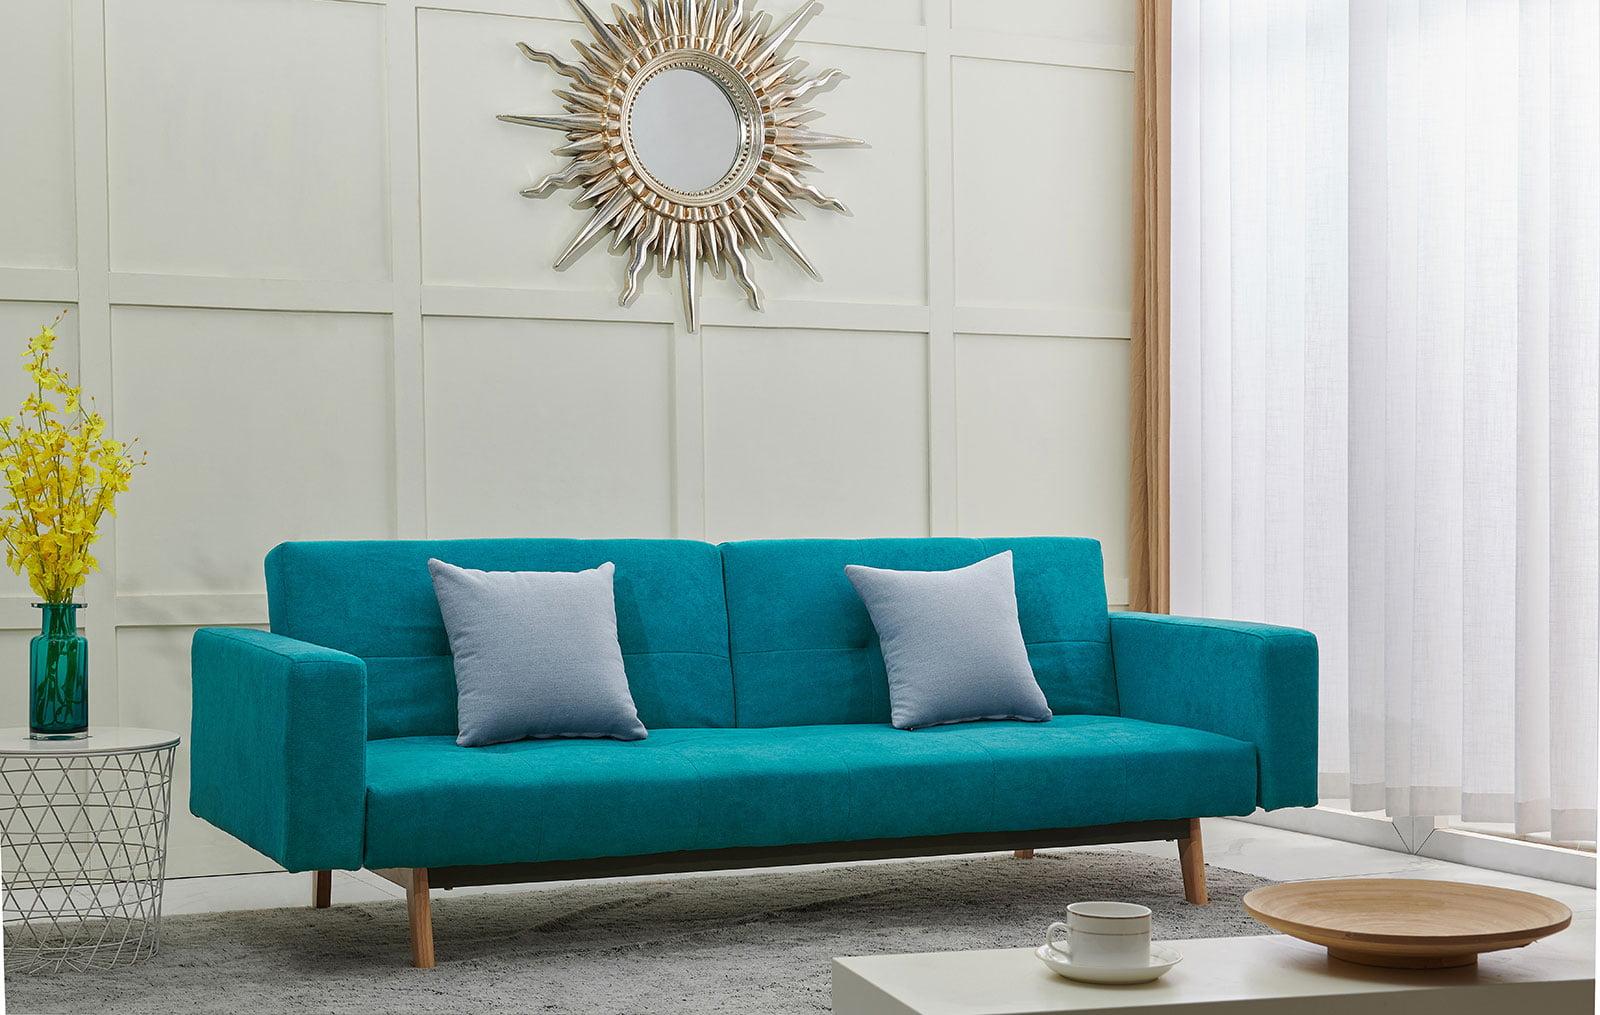 Бирюзовый диван в интерьере: фото, стиль, как выбрать